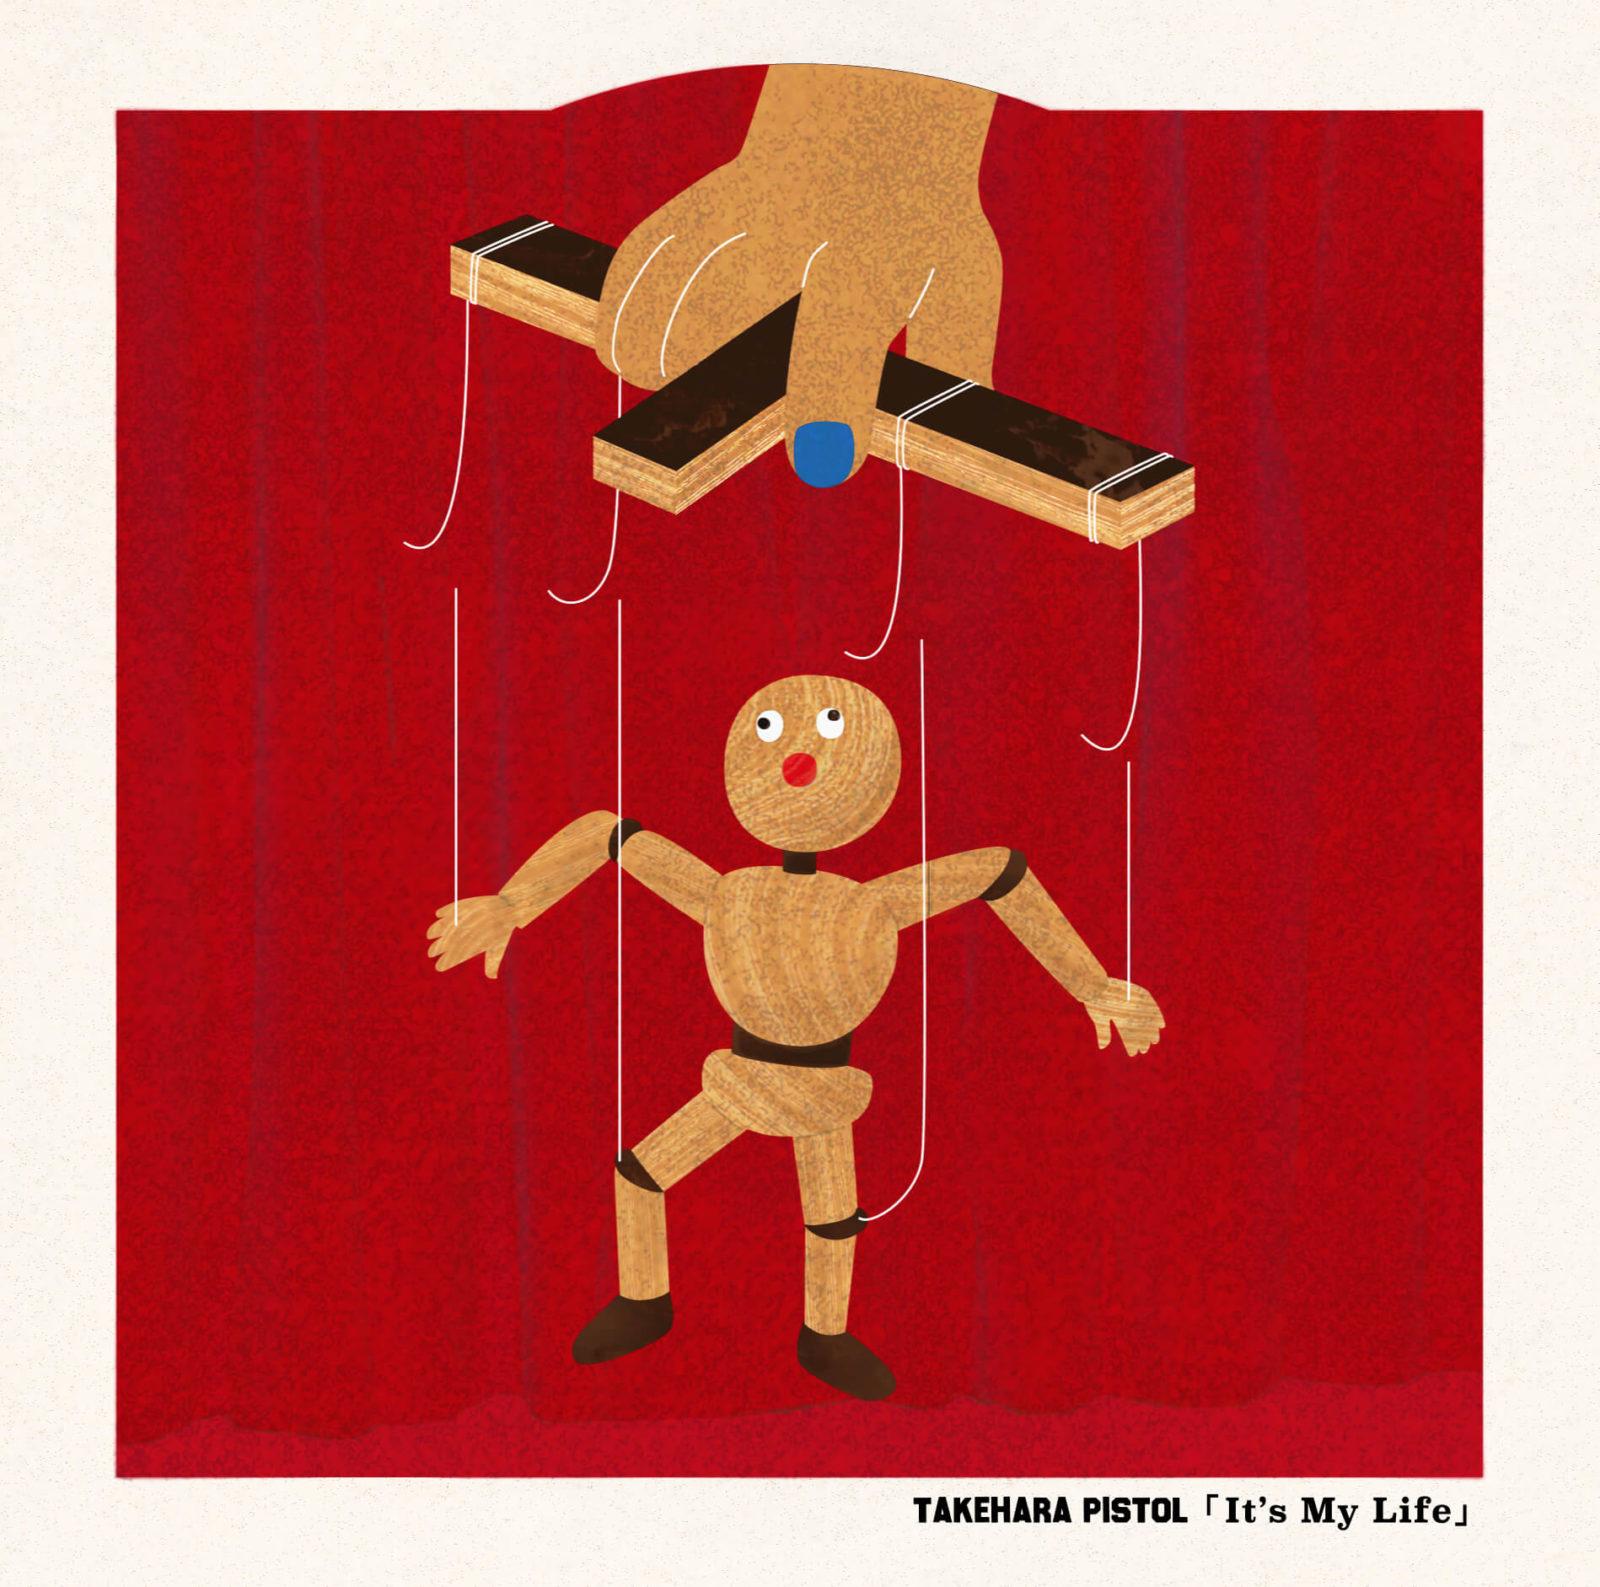 竹原ピストル、ニューアルバム「It's My Life」の全収録曲、ジャケット写真公開サムネイル画像